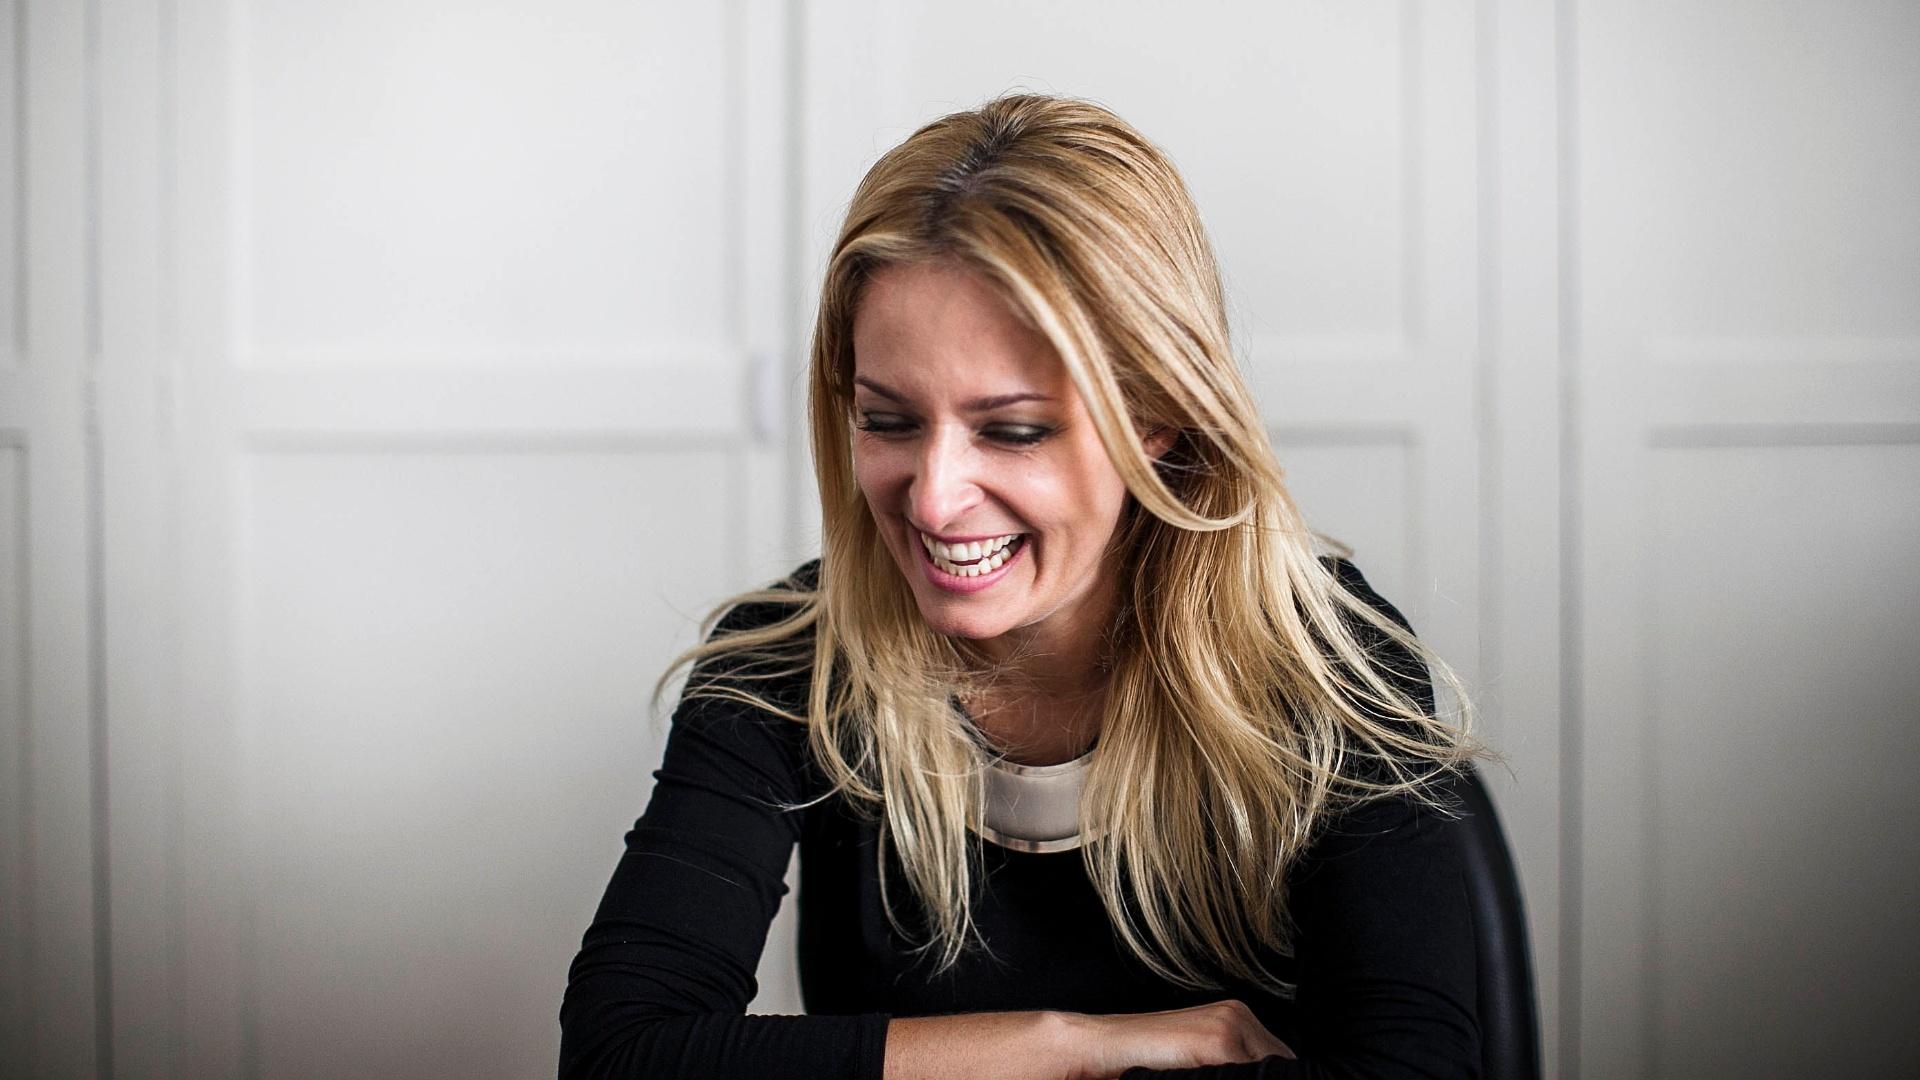 Luciana Vendramini diz que aos 40 anos se sente mais segura (07/12/2012)